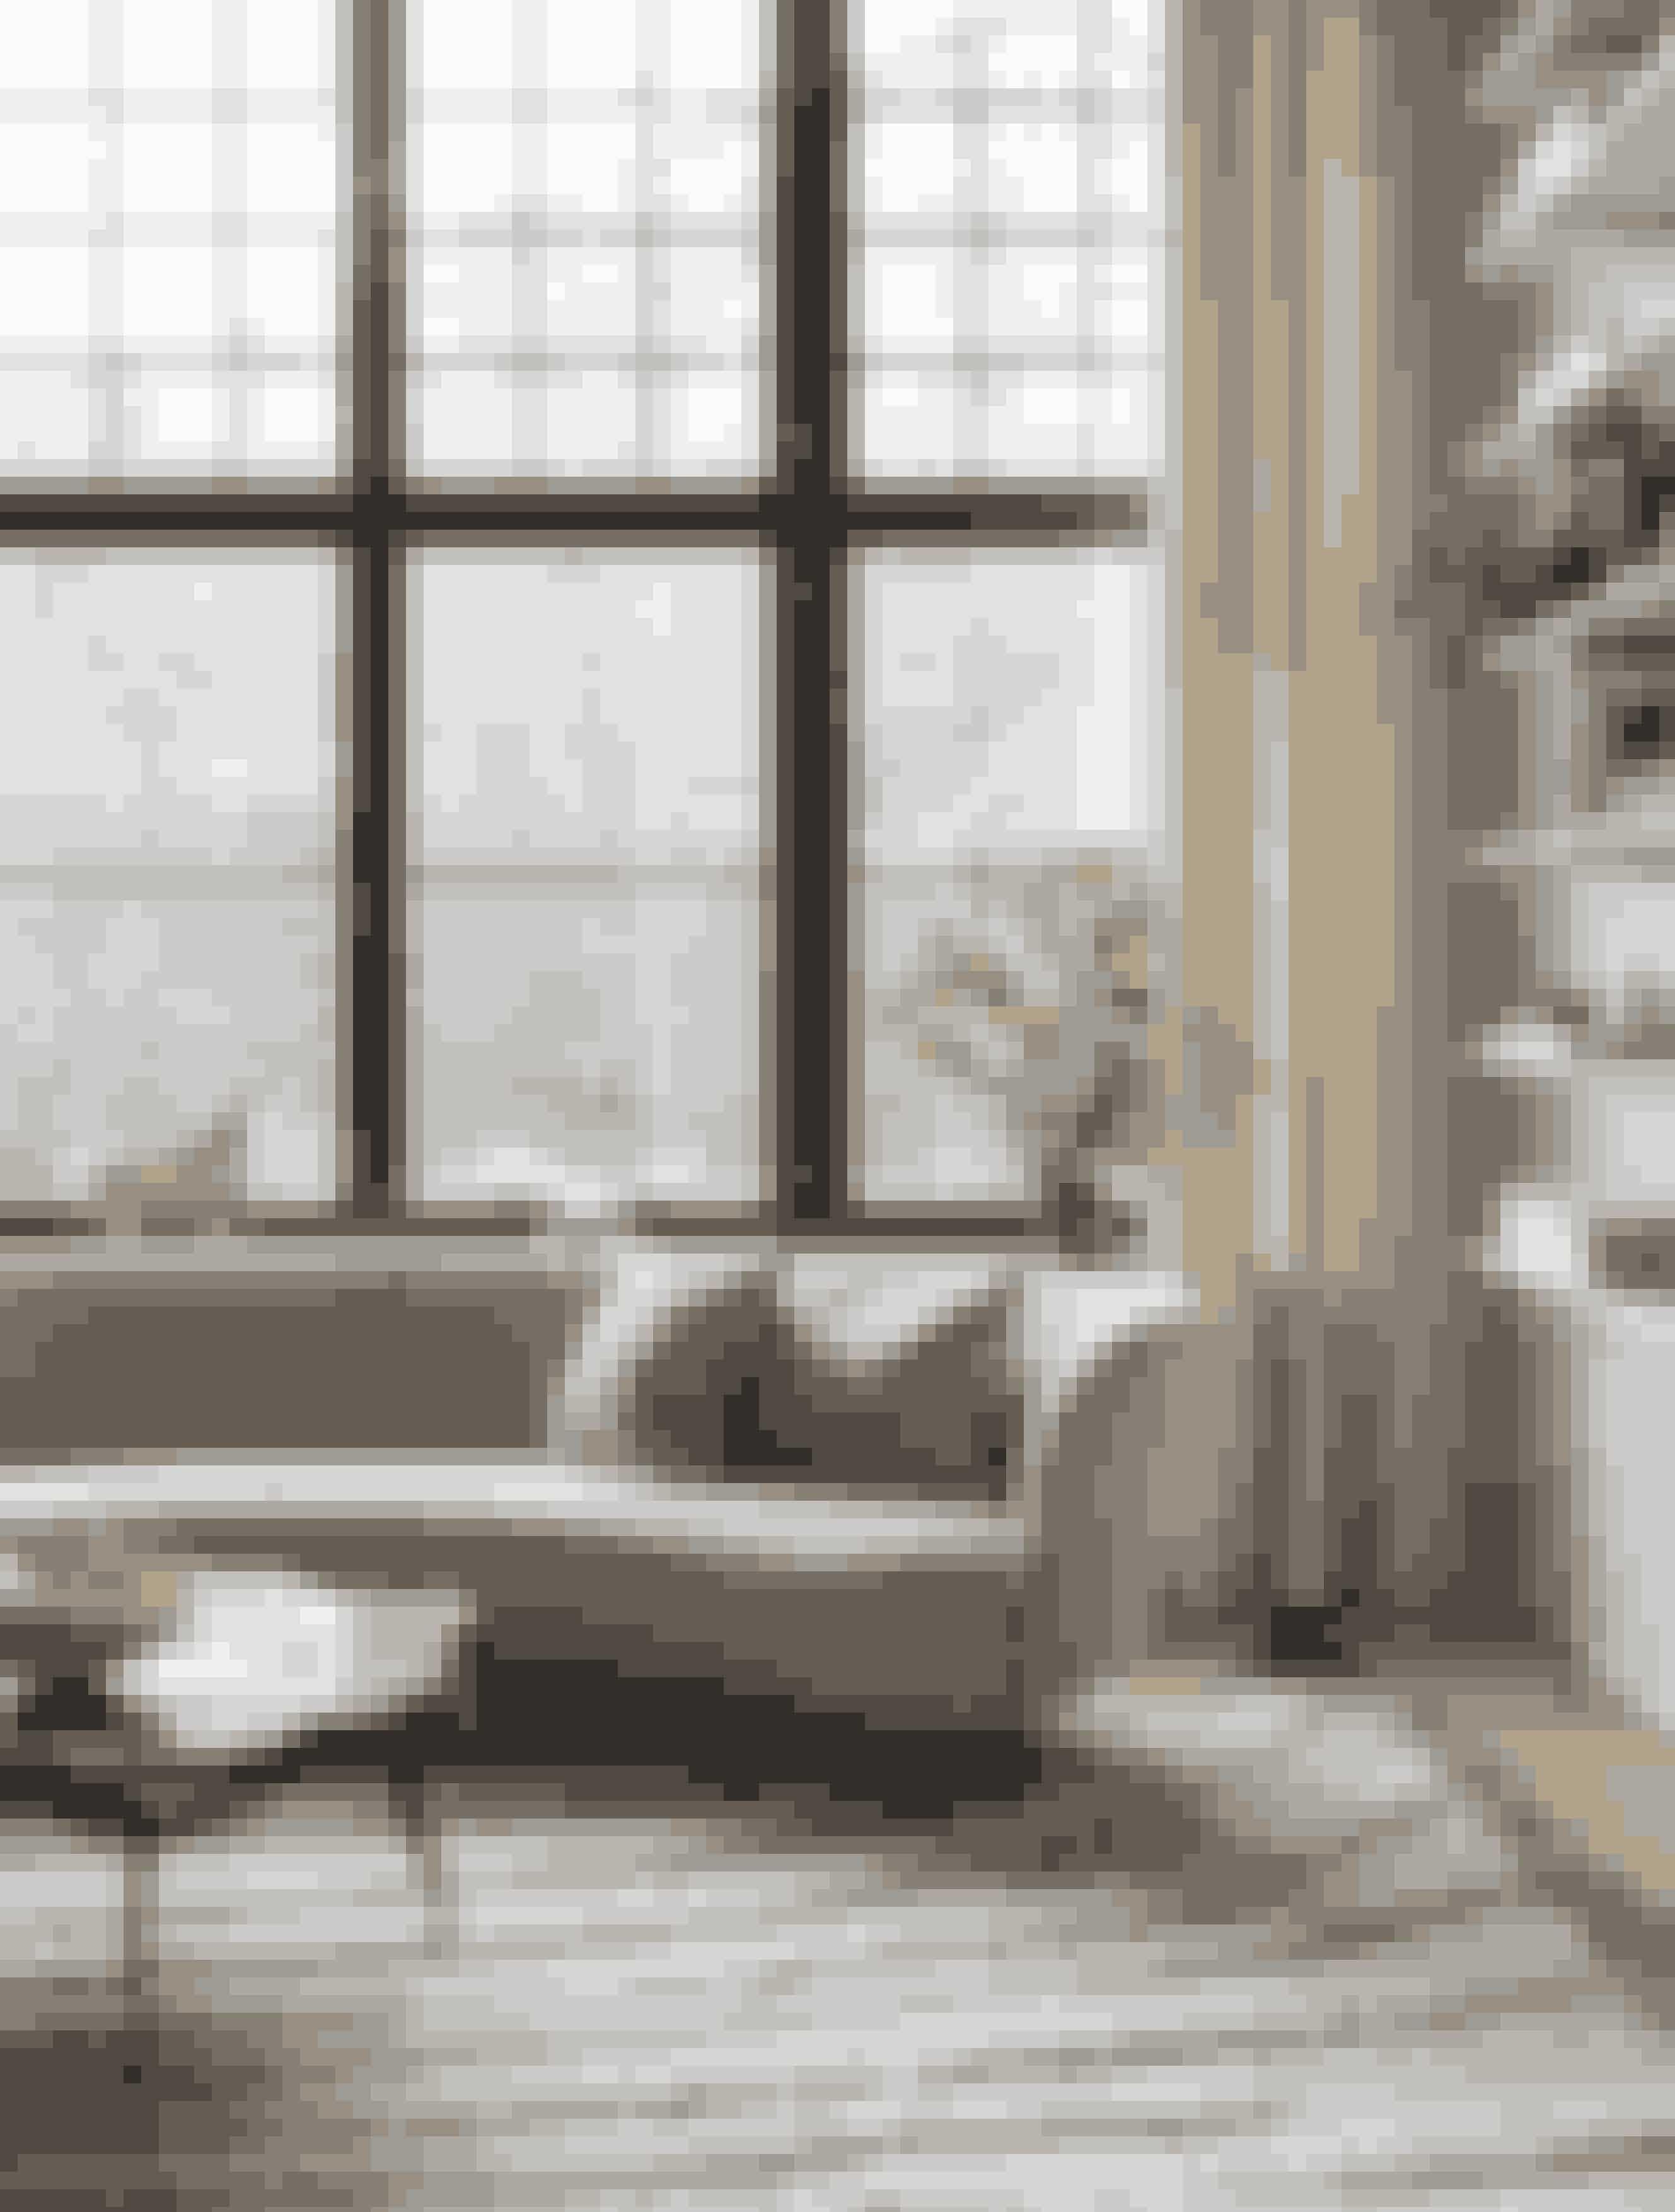 Sofaen er fra det svenske møbelbrand Massproductions og købt sidste år. Carolina faldt for den skulpturelle form. Sofabordet er et vintagefund fra Galleri Sylvia Enget, og det håndknyttede tæppe er fra Cappelen Dimyr. Oksen i vindueskarmen er lavet af keramik og hedder 'Torito de Pucará'. Den stammer fra Peru og er et symbol på beskyttelse og velstand.